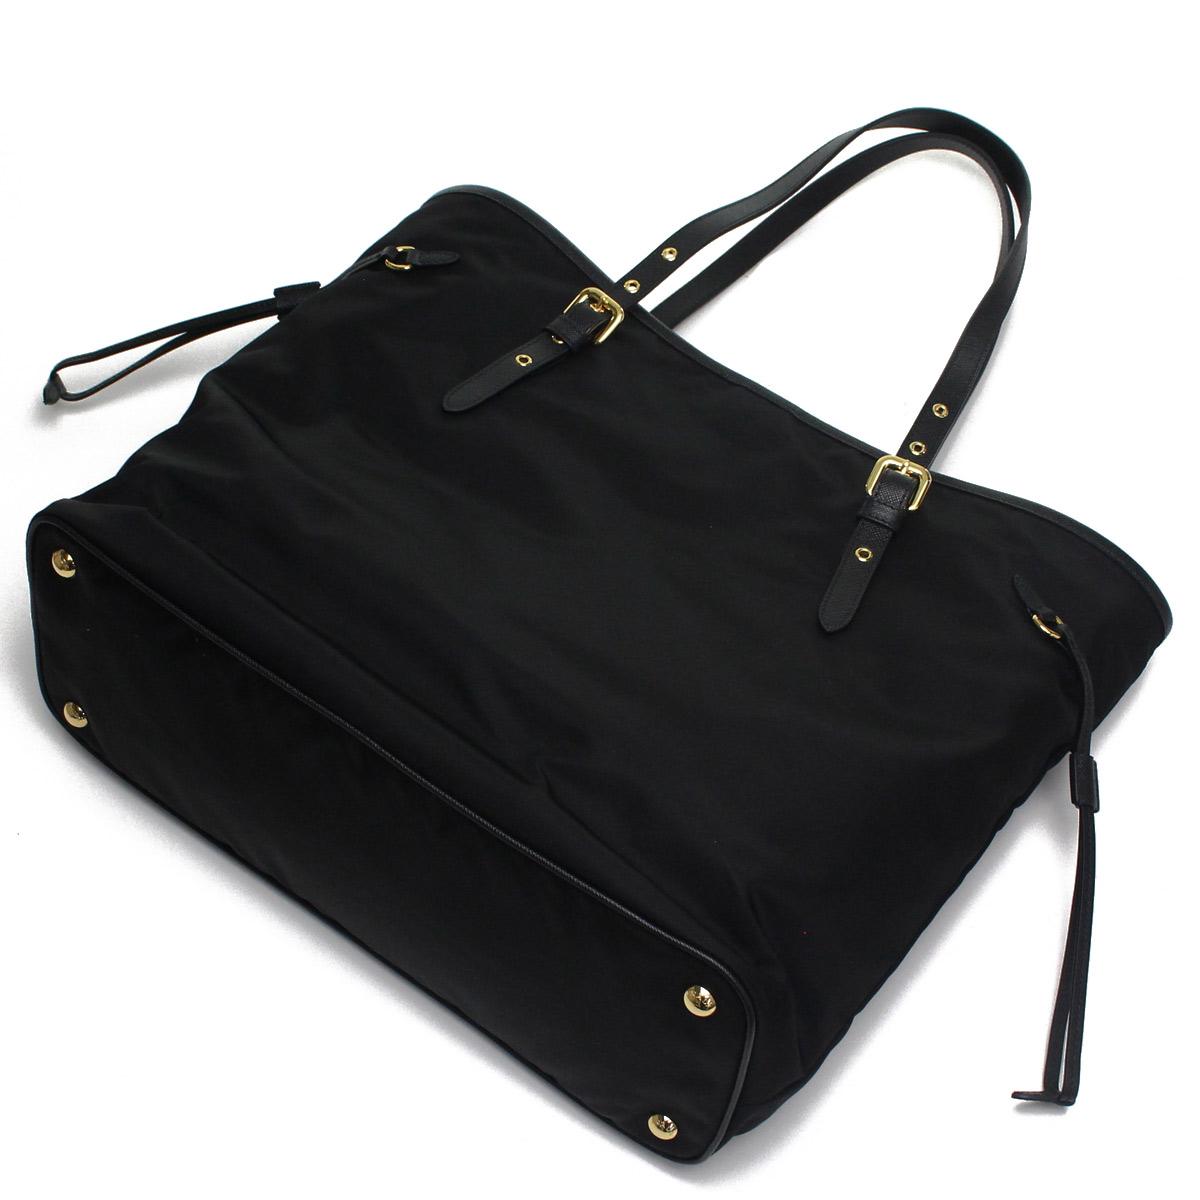 2546060ea644 Bighit The total brand wholesale  Prada outlet PRADA(OUTLET) nylon ...